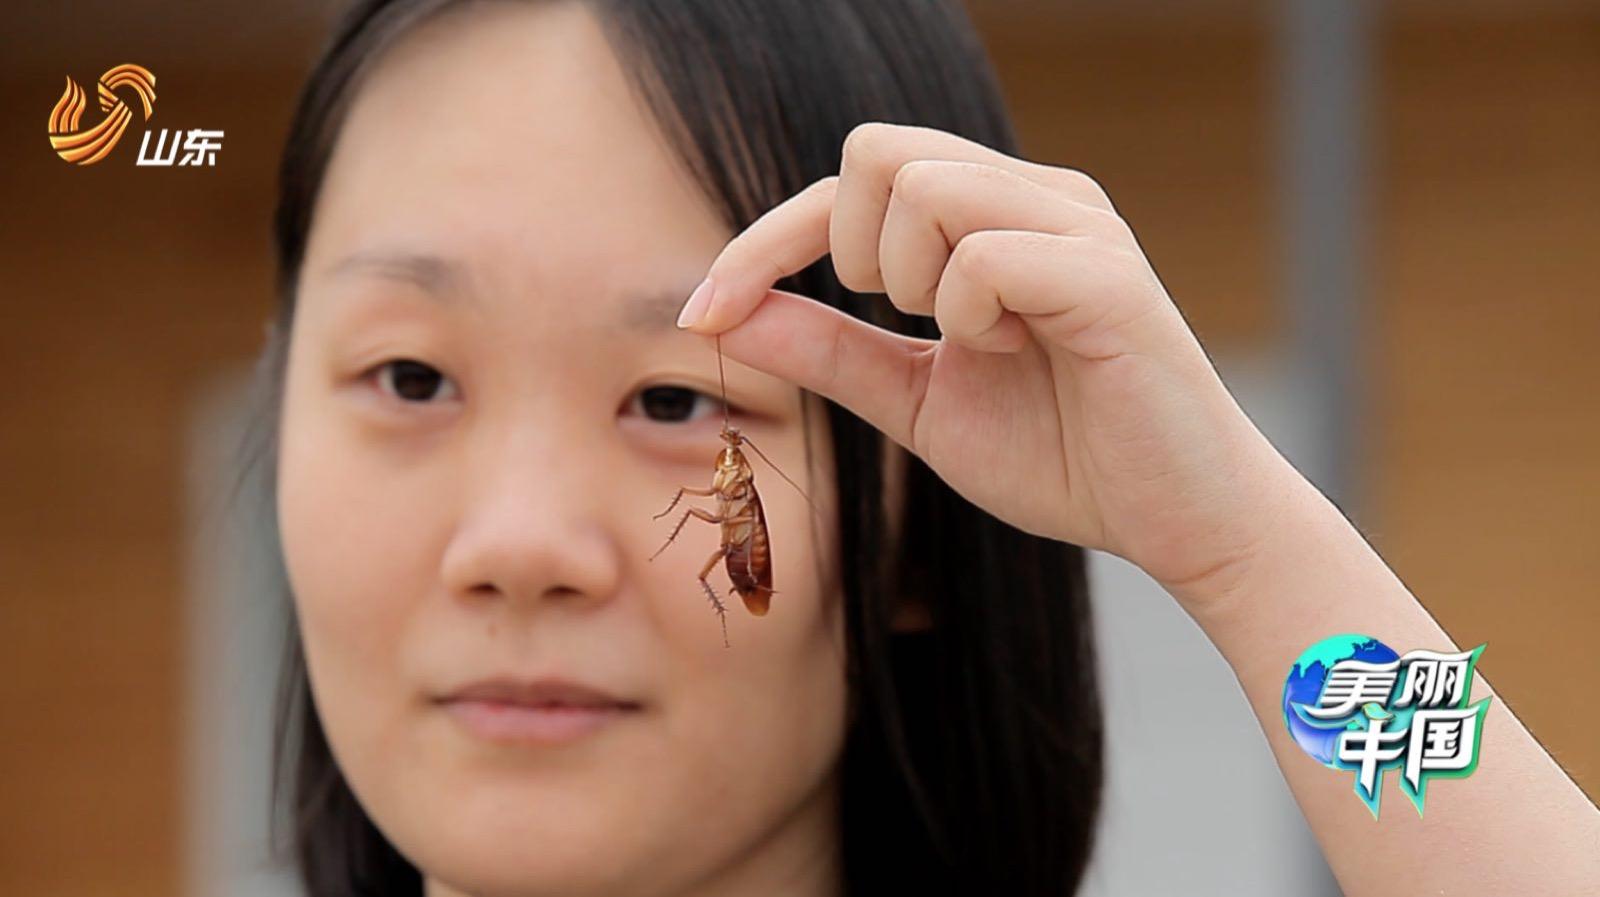 《美丽中国》父女养3亿只蟑螂当宝贝 护林员劝女儿辞职守山